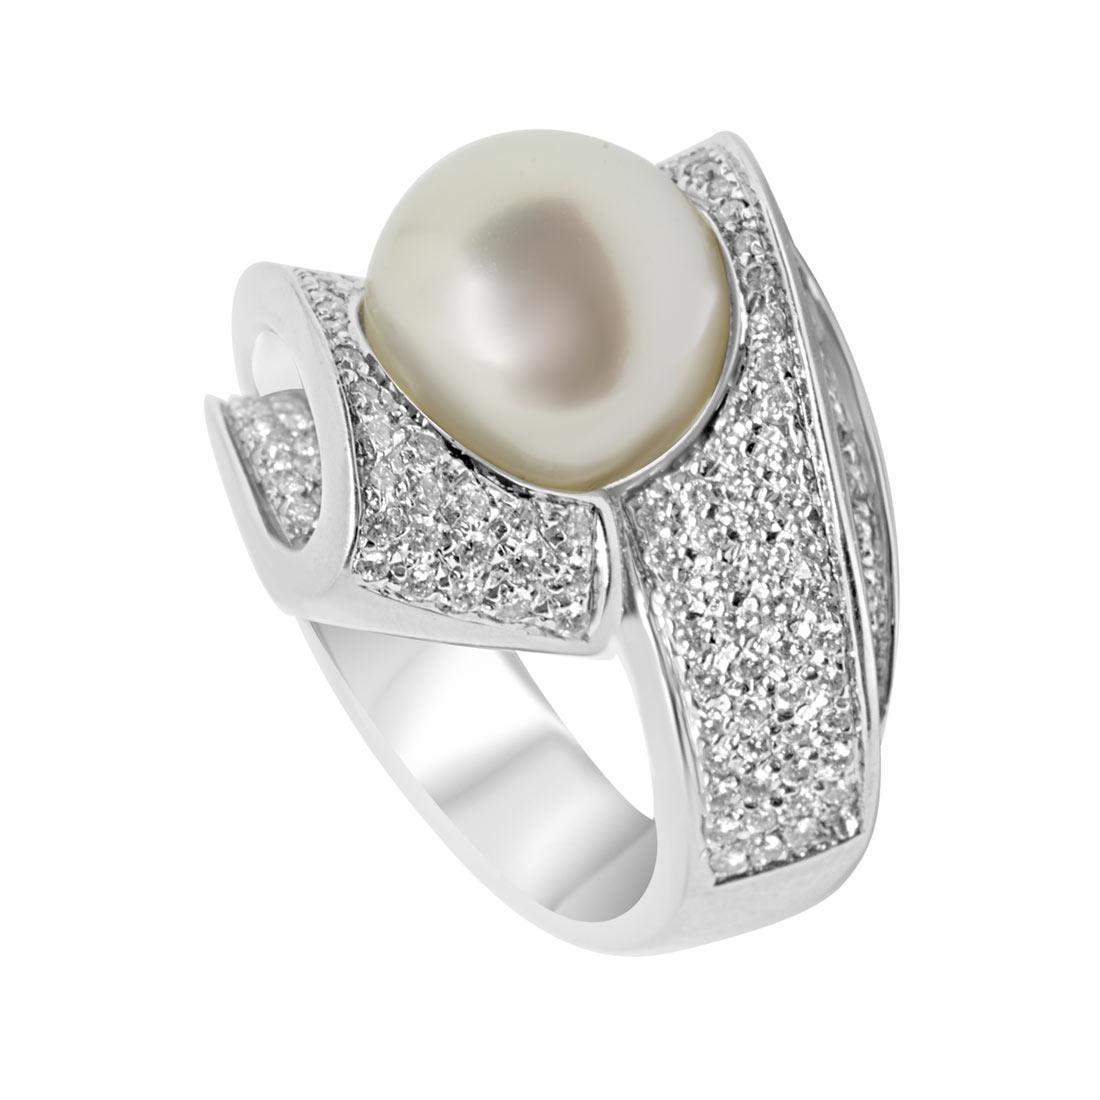 Anello Oro & Co in oro bianco con diamanti 1.05 ct e perla, misura 12 - ORO&CO